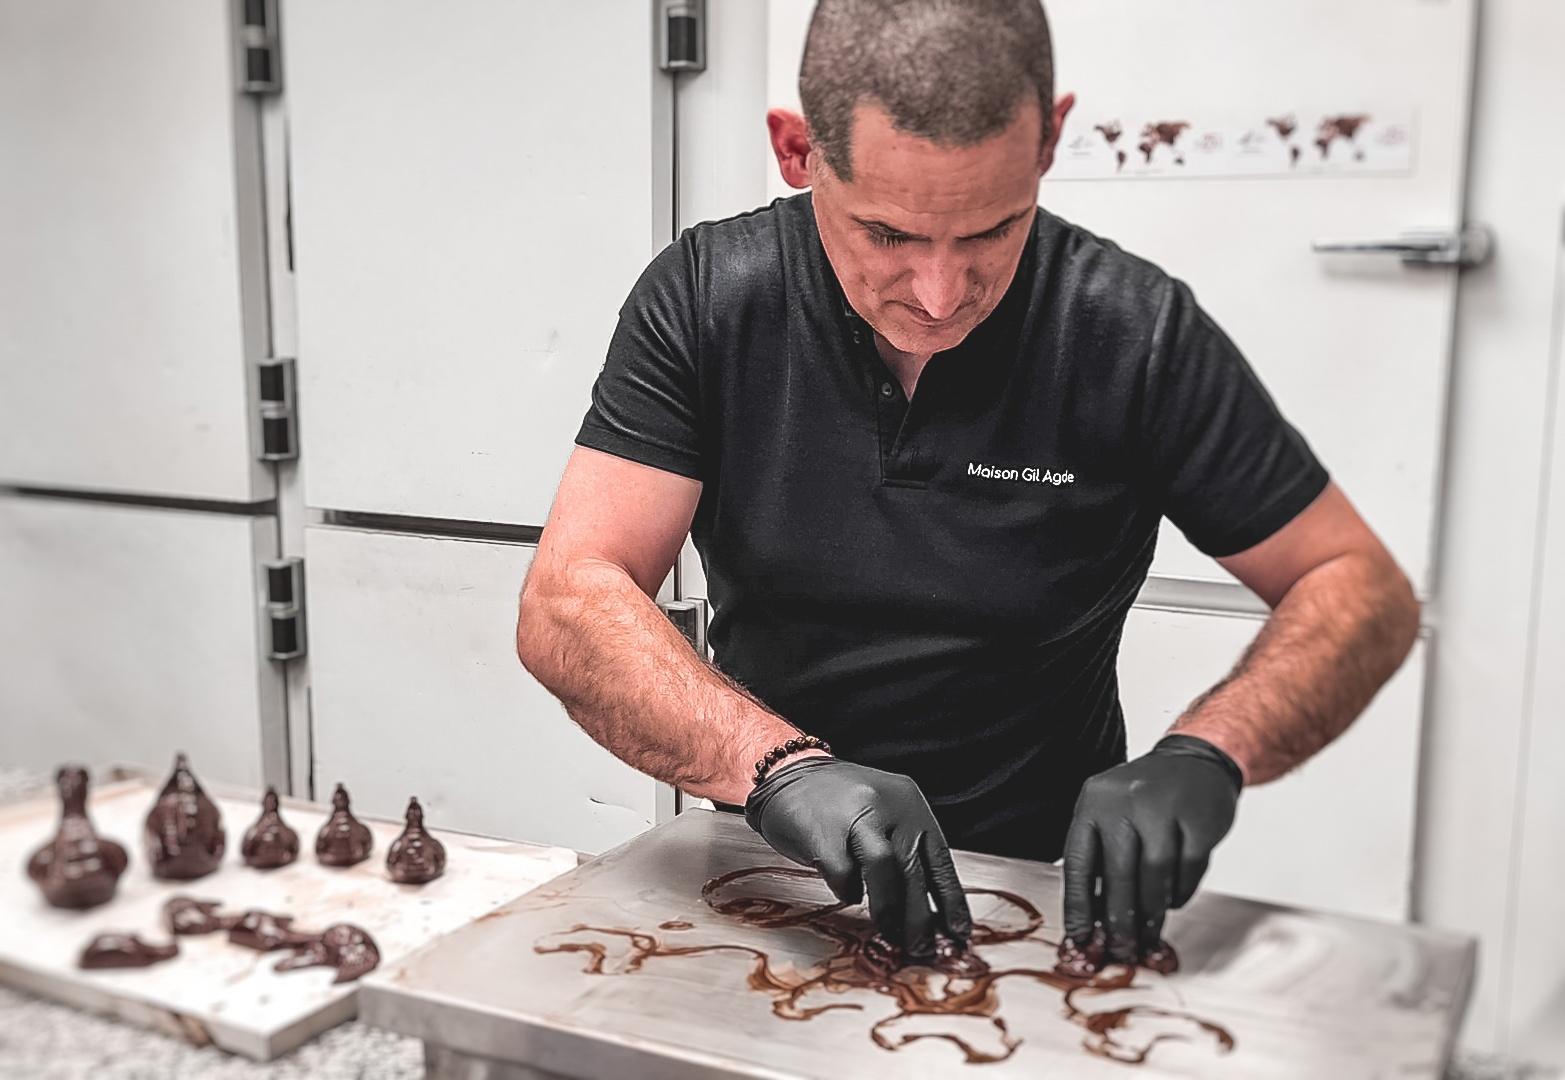 boulangerie agde - maison gil - paques - chocolats